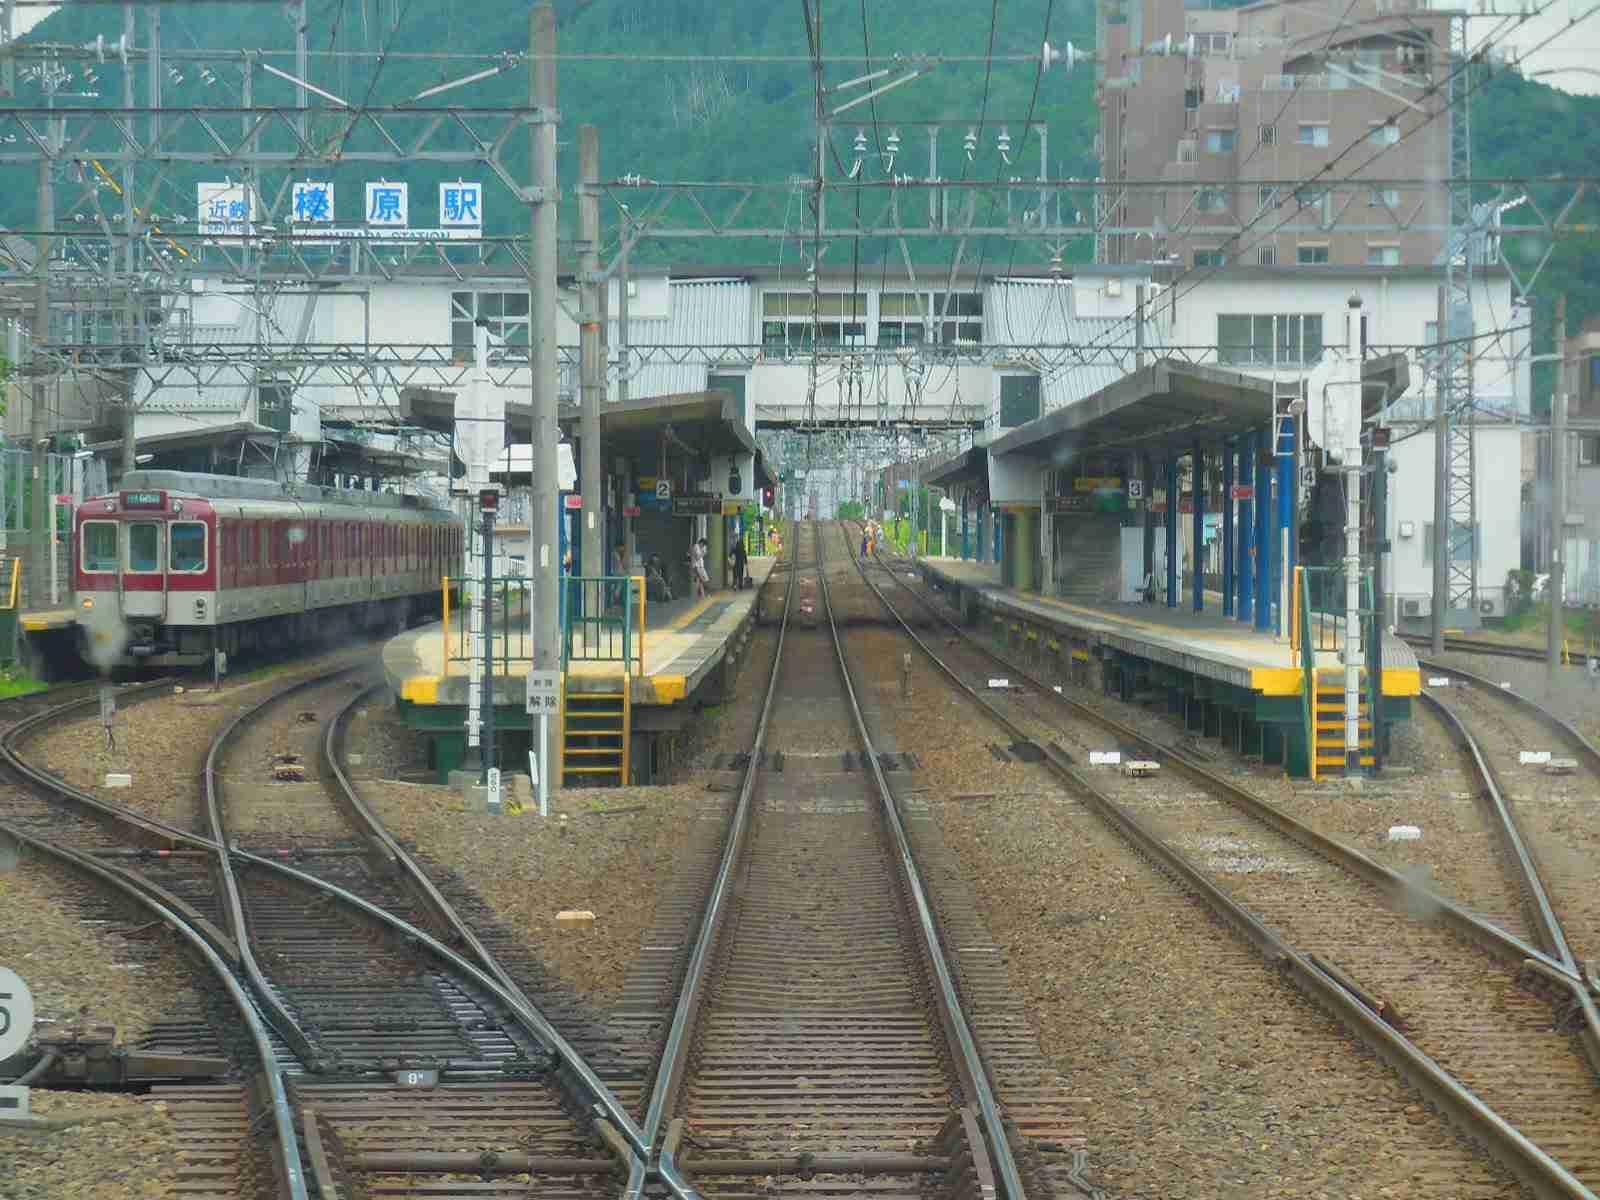 【日本全国】この駅がある鉄道路線名がわかったらプラス